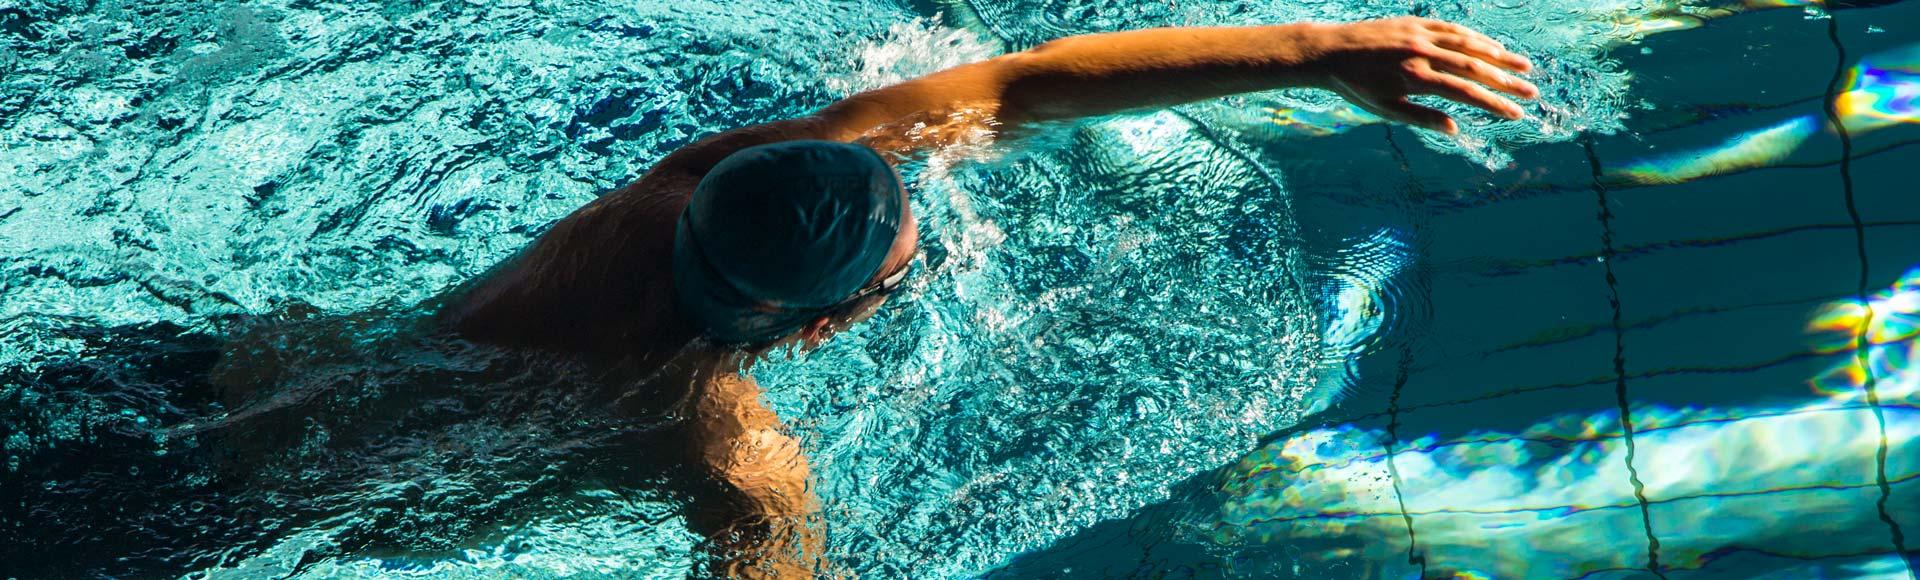 onda-della-pietra-piscina-1